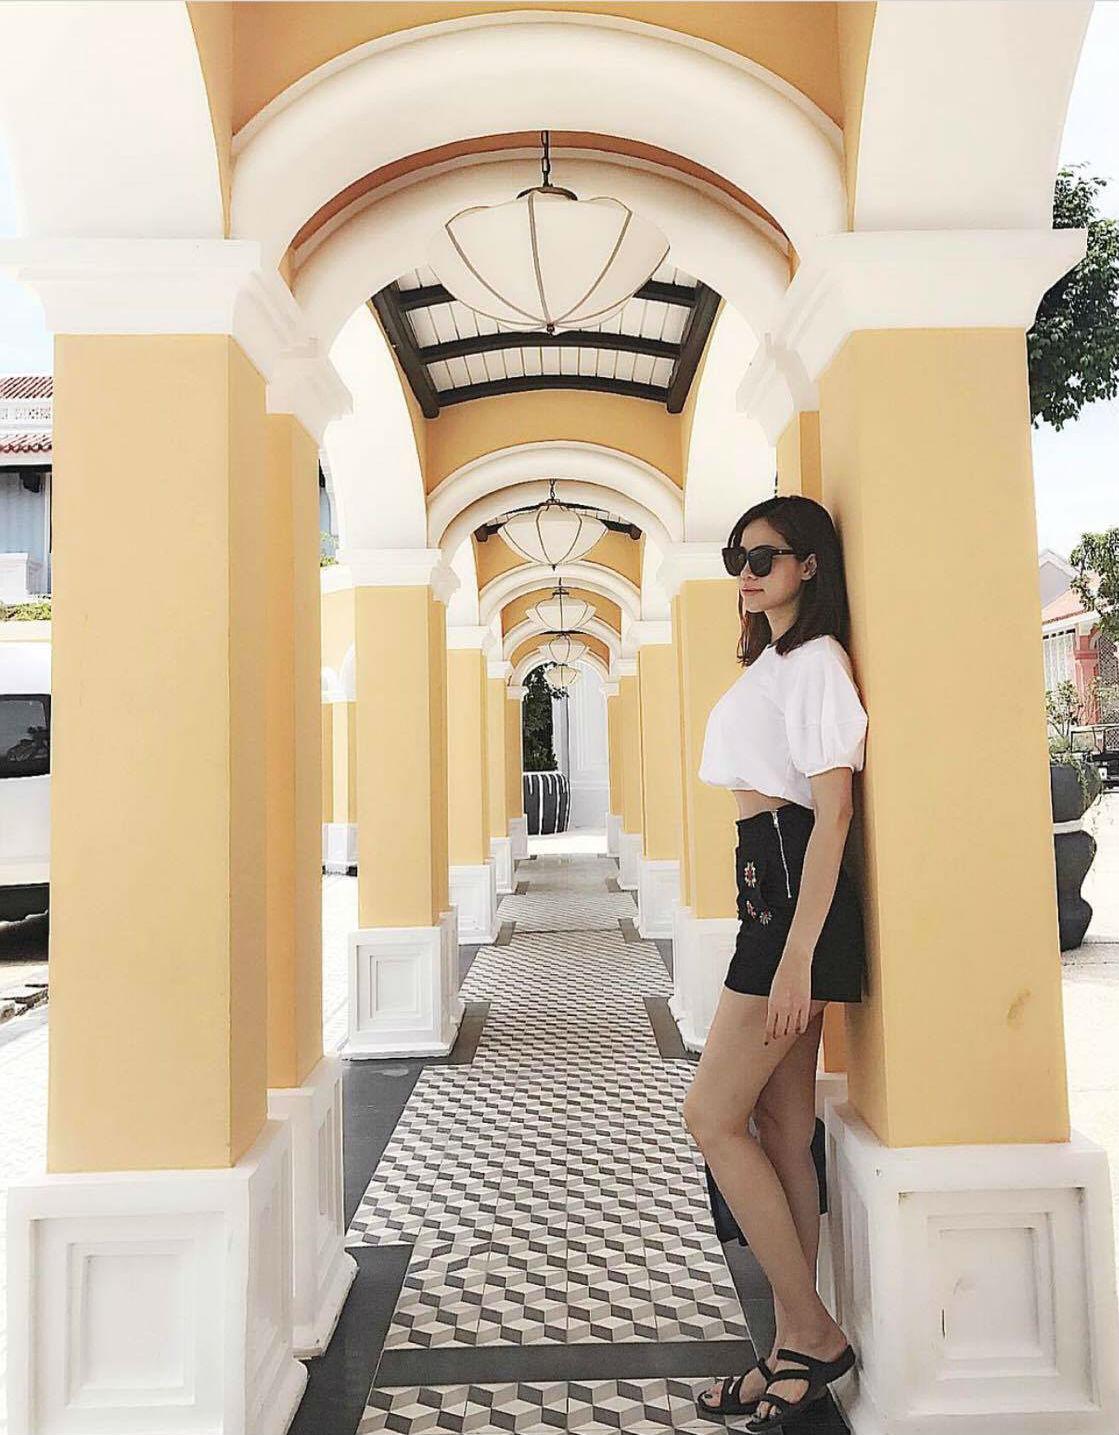 Xem xong MV Có em chờ, lại thêm lý do để tin rằng JW Marriott Phú Quốc chính là resort đáng đi nhất hè này! - Ảnh 38.